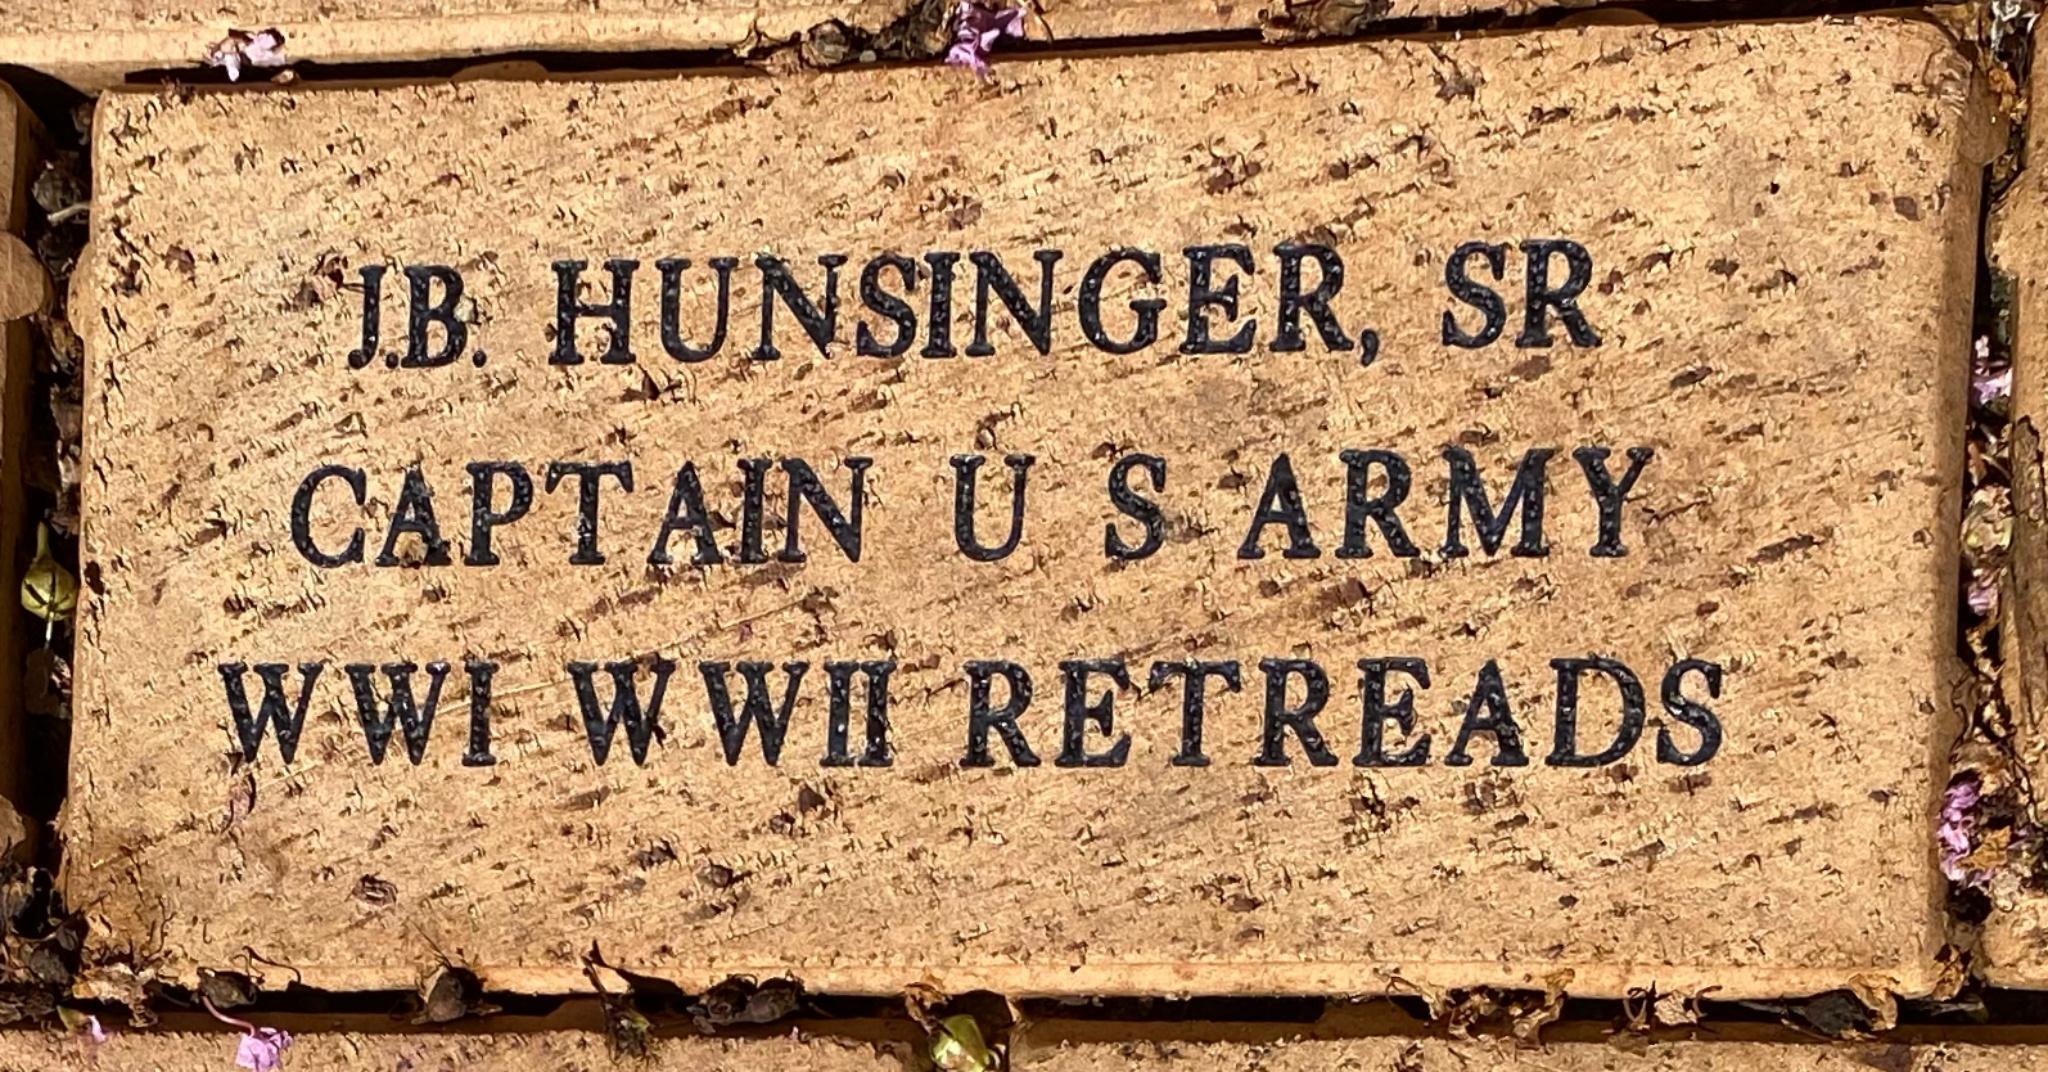 J.B. HUNSINGER, SR CAPTAIN U S ARMY WWI WWII RETREADS